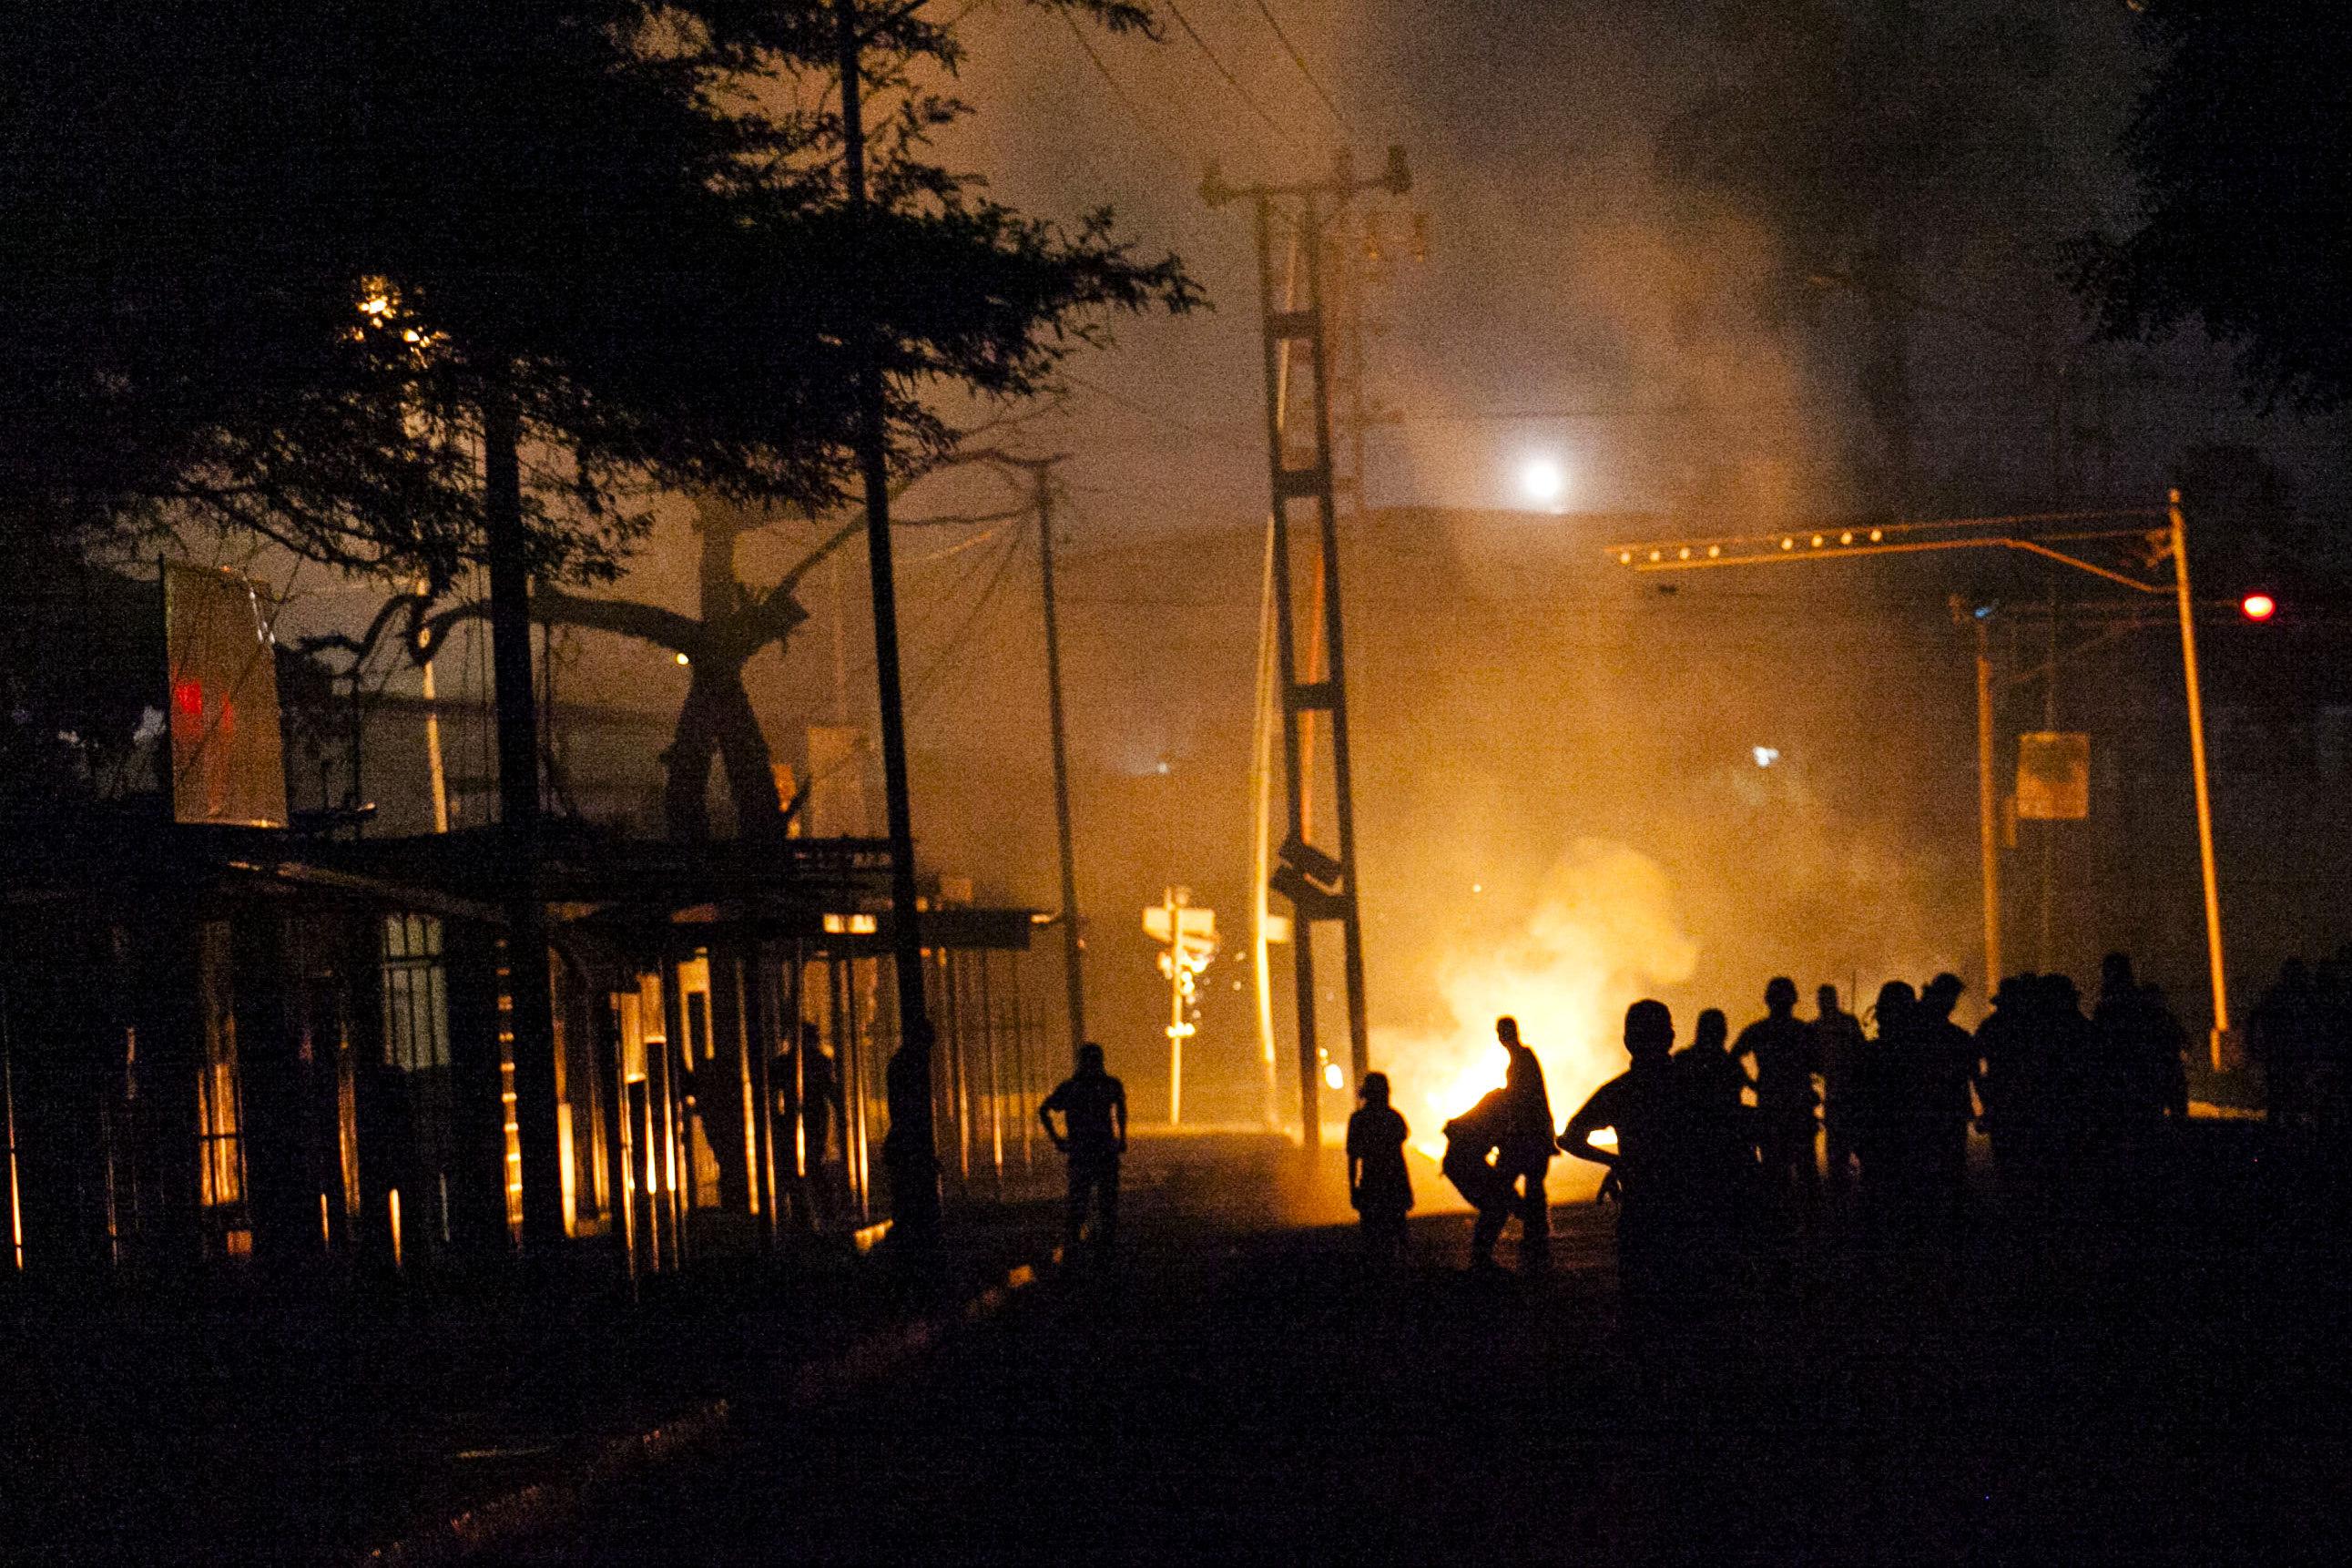 Un grup de persones participen en una manifestació a la ciutat de Barquisimeto (Veneçuela). /PASQUALE GIORGIO